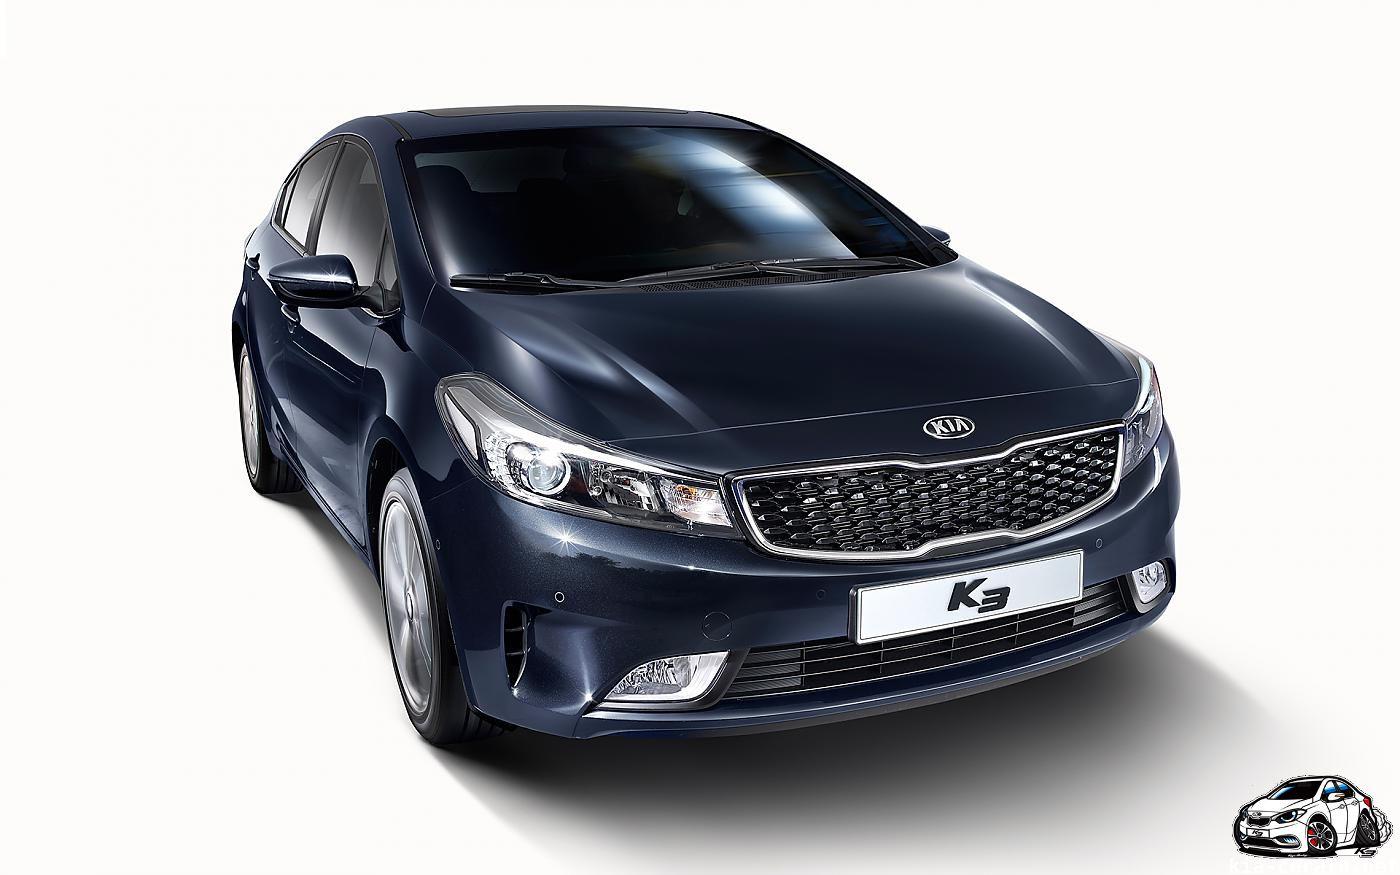 cerato 2016 by Zeroing in KIA Cerato (k3) 2016 facelift